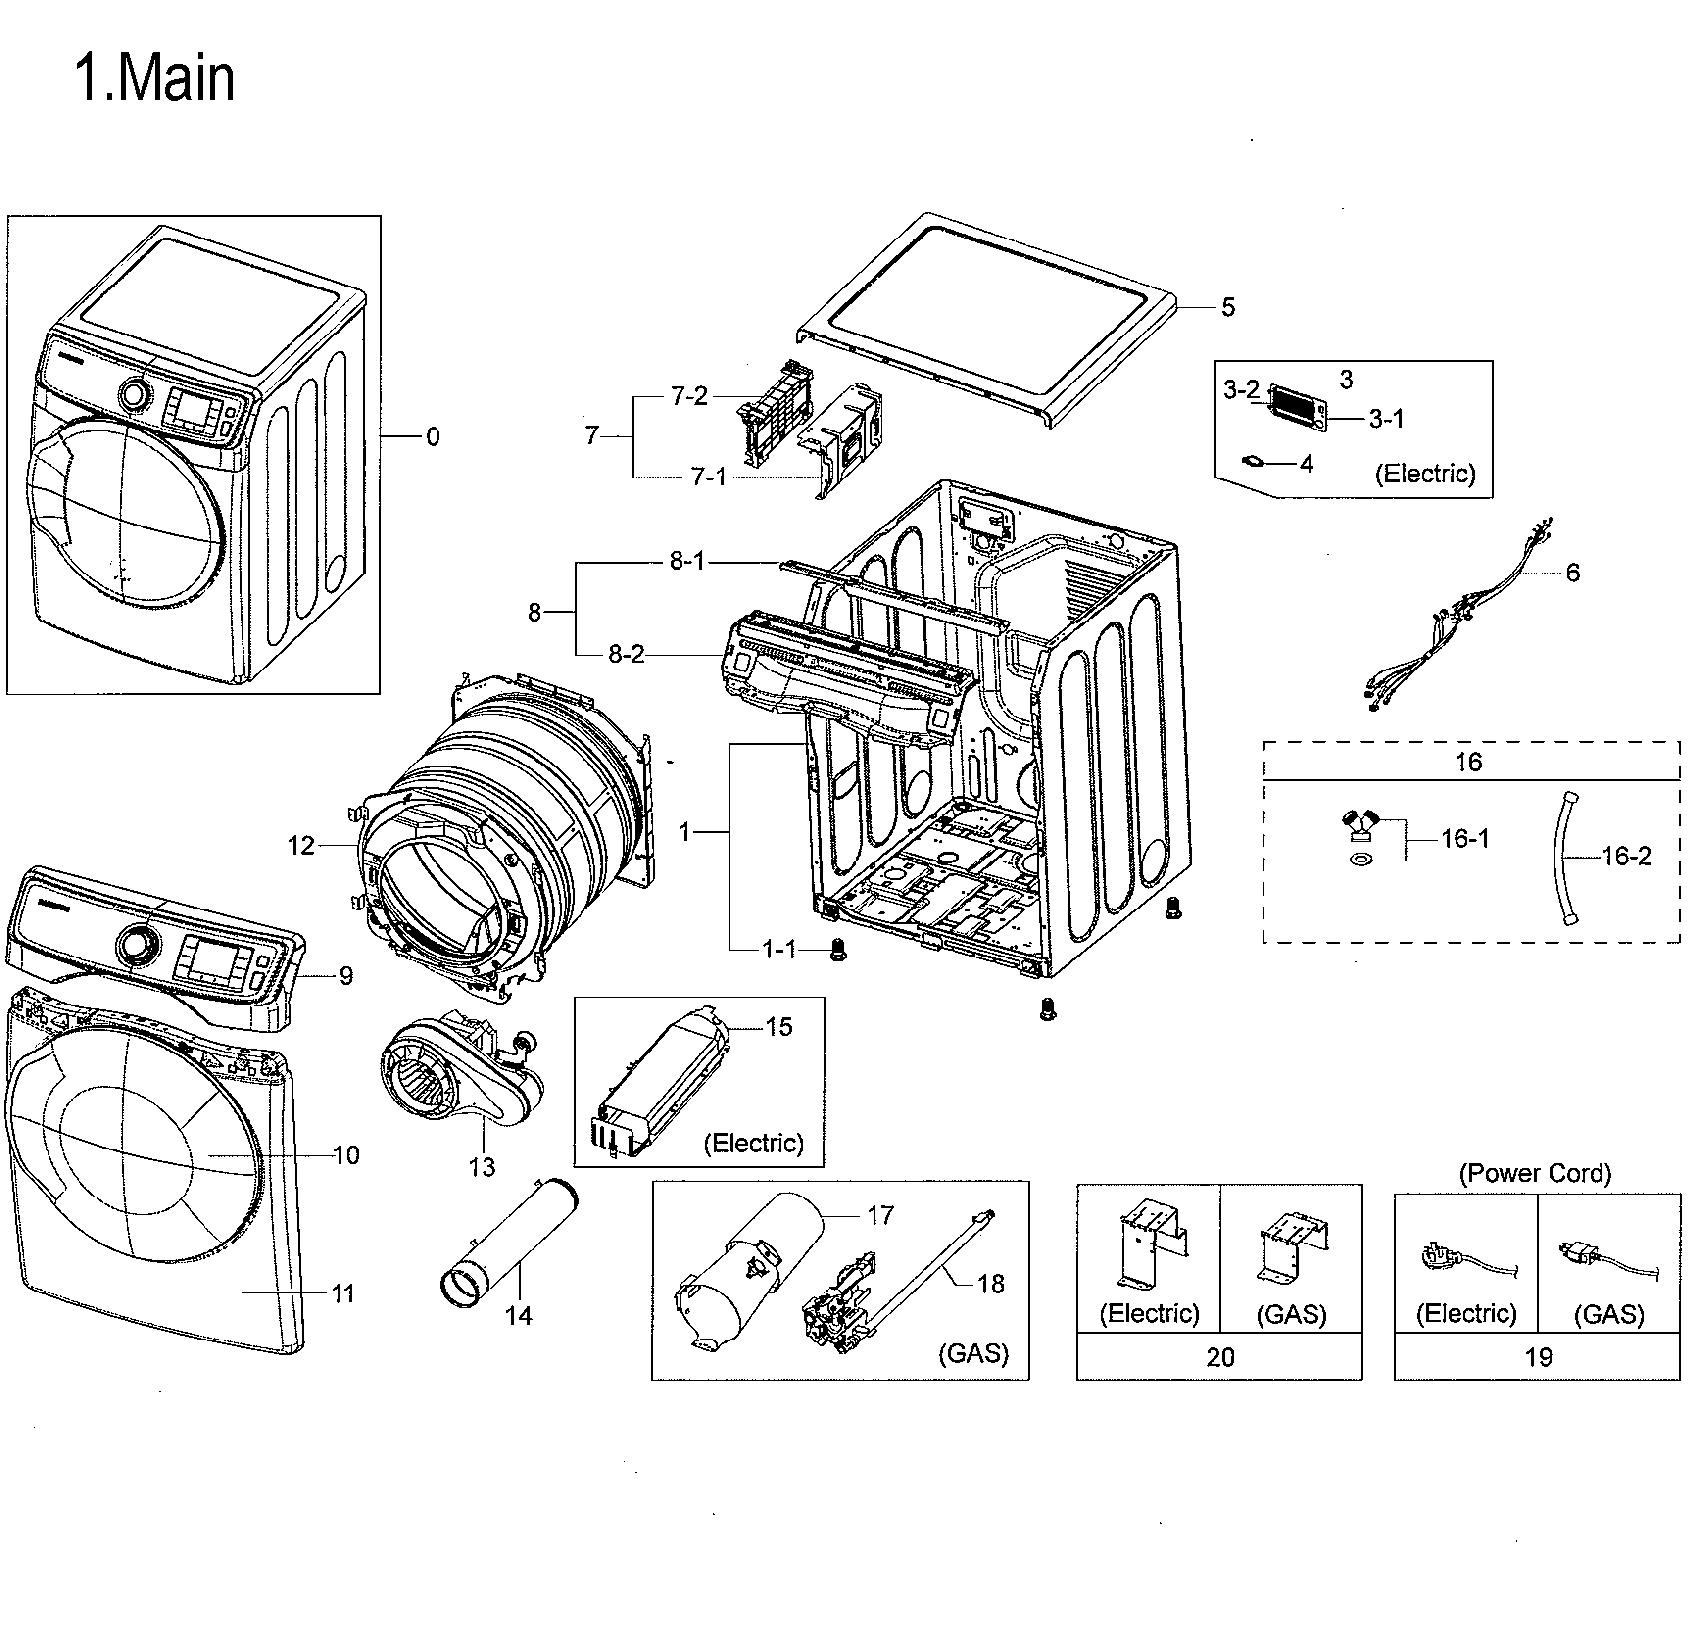 Samsung  Dryer  Main parts